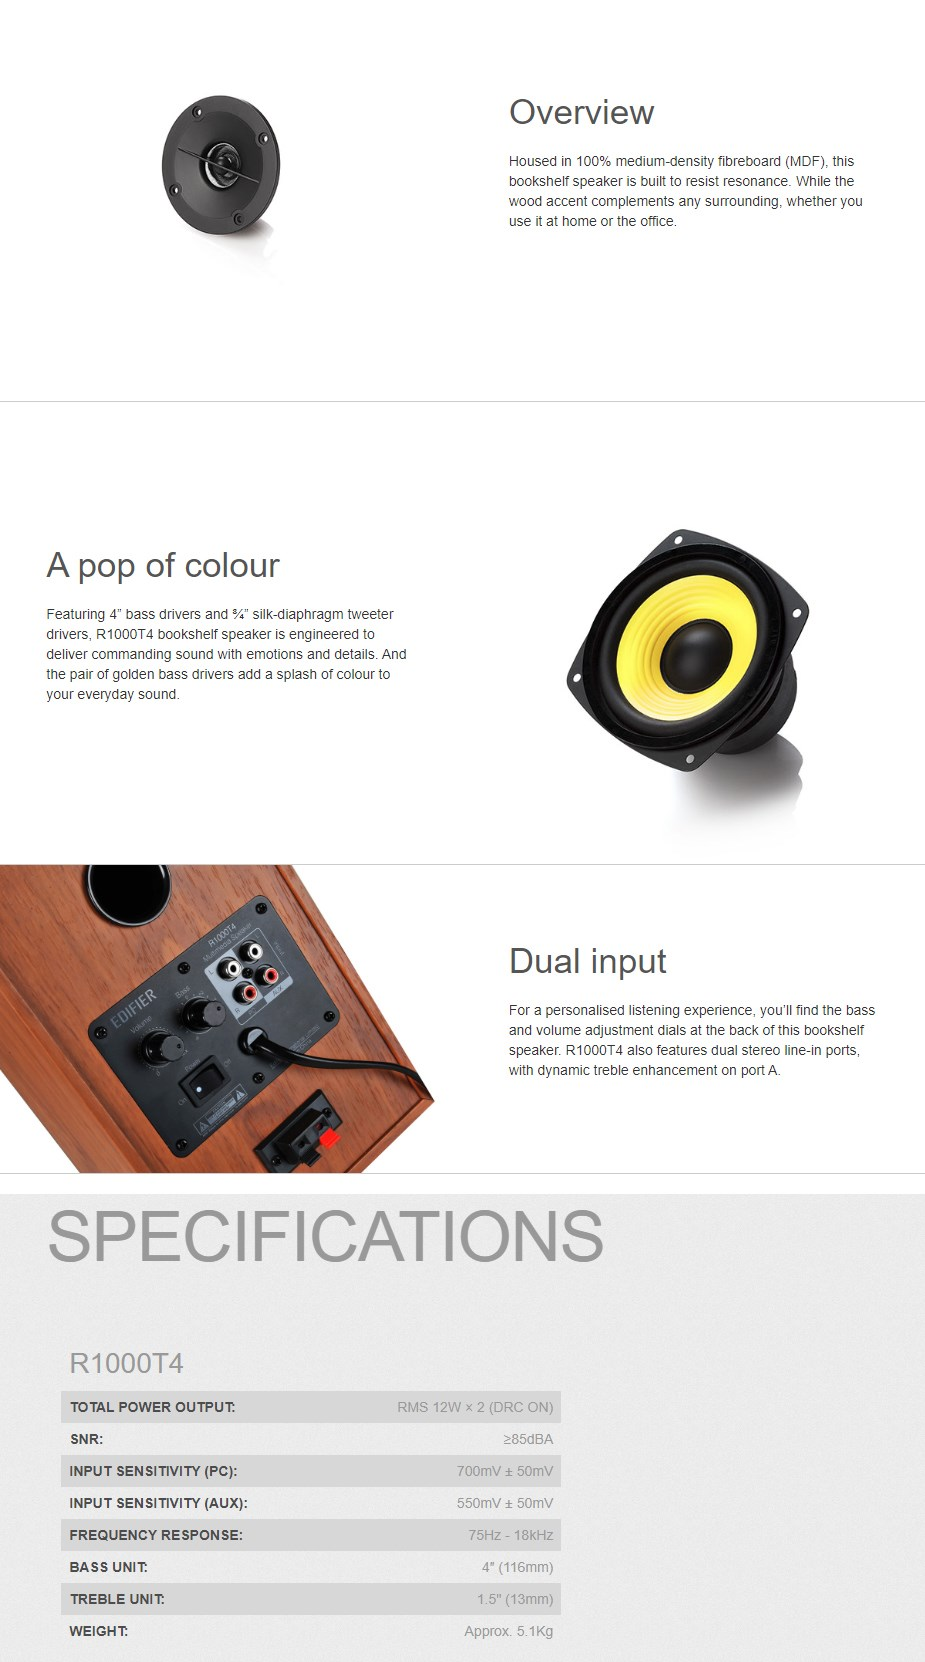 Edifier R1000T4 2.0 Bookshelf Speaker - Brown - Overview 1